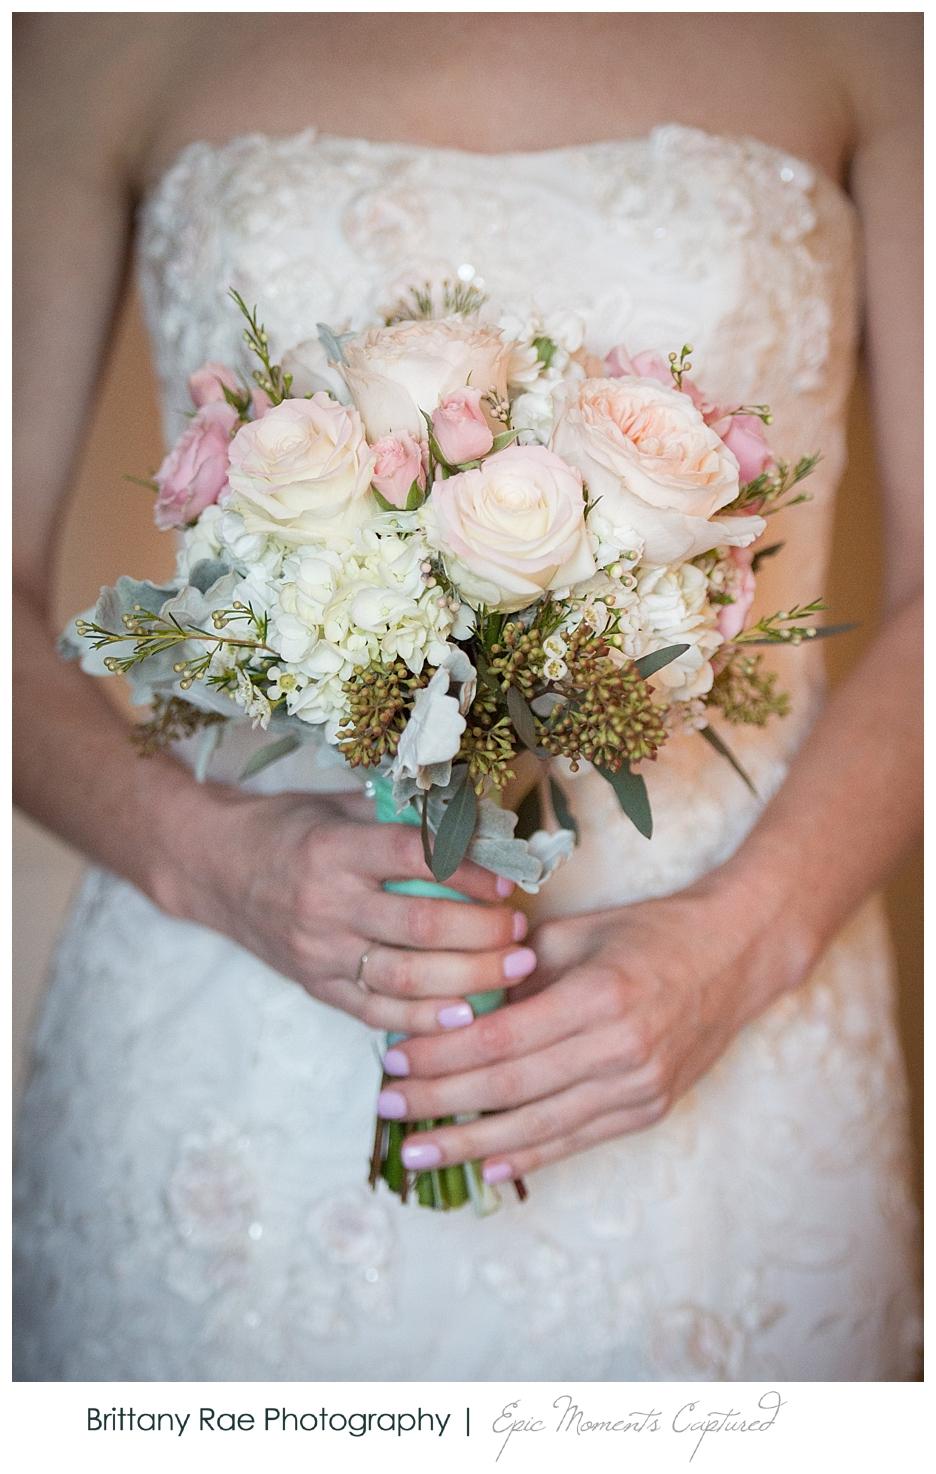 Inn By The Sea Wedding in Cape Elizabeth Maine - Blush Bridal Bouquet